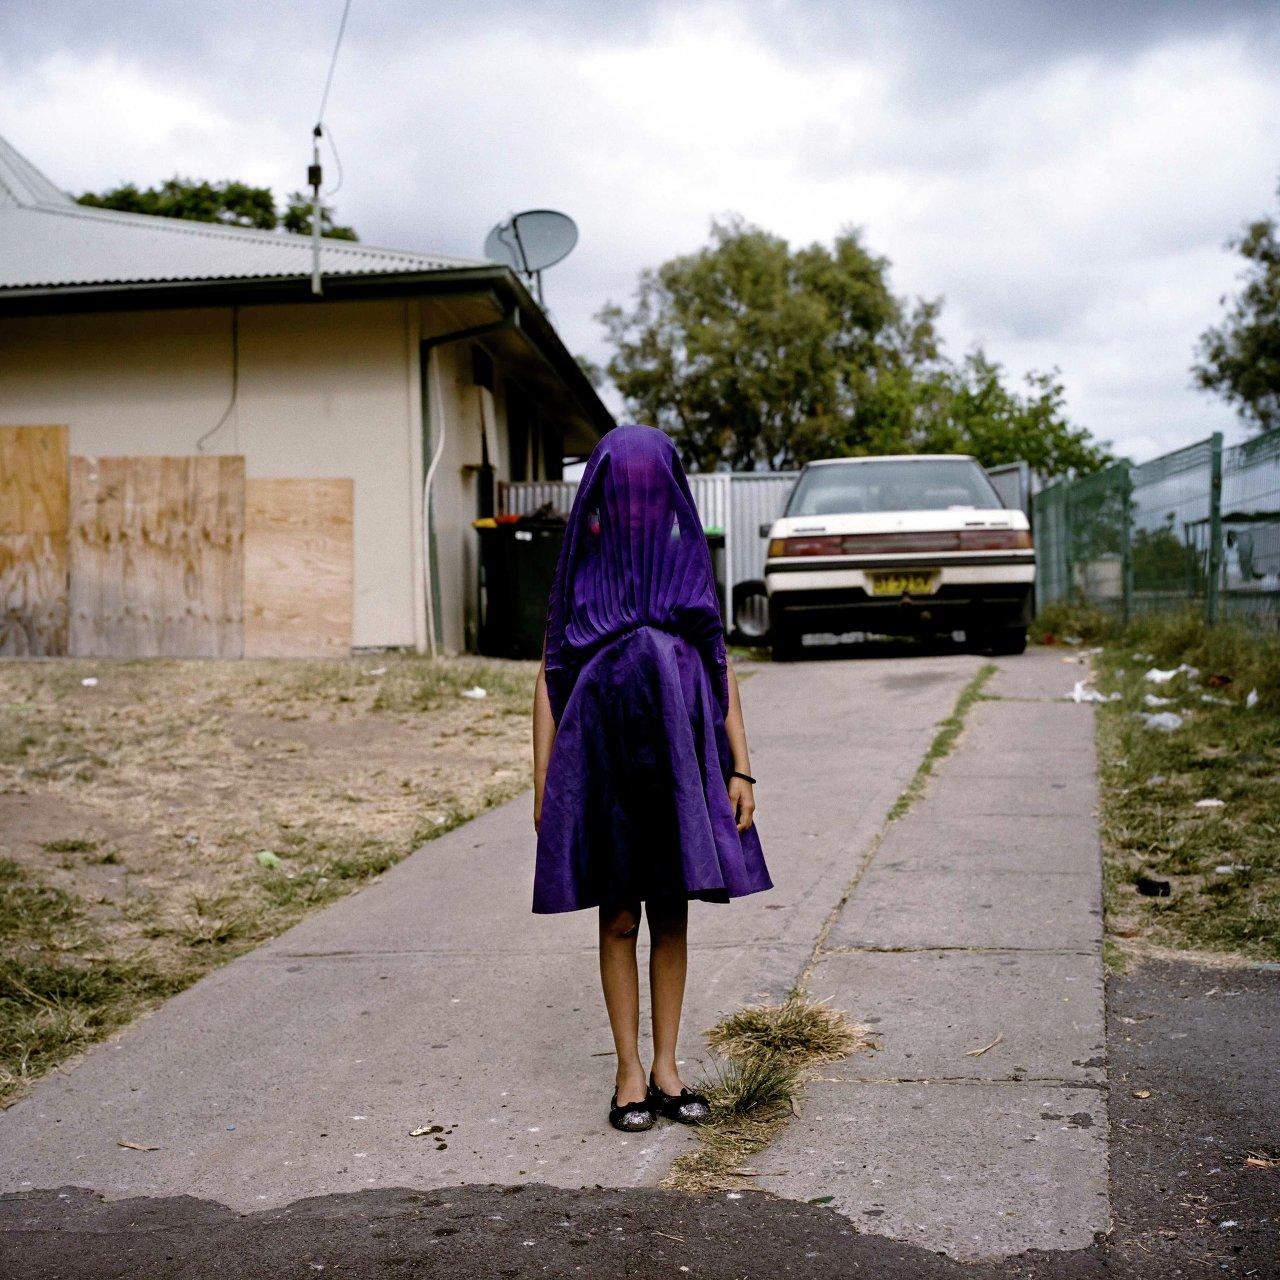 Laurinda attend le bus scolaire, qui doit l'amener à l'école du dimanche. La photographe australienne Raphaela Rosella